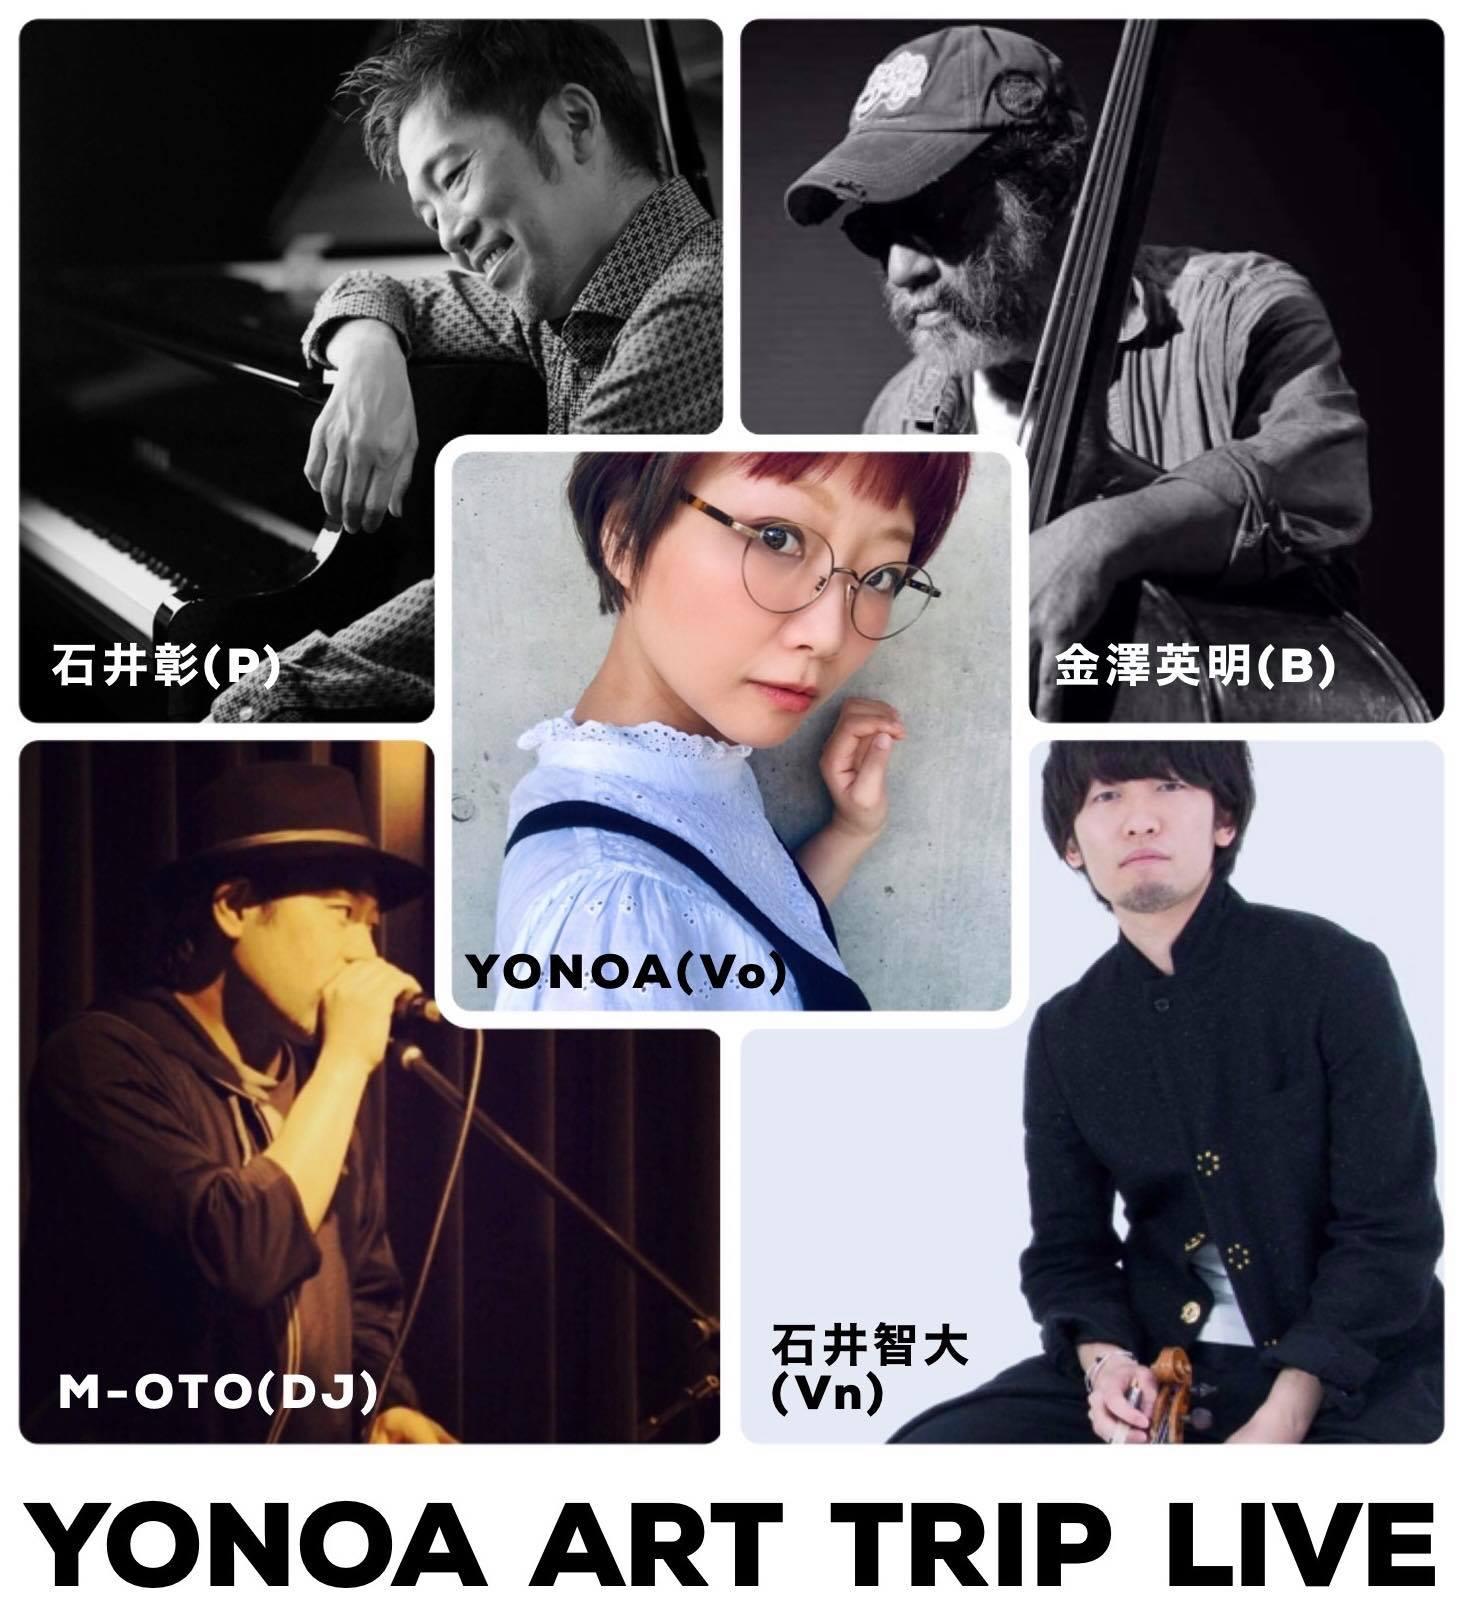 YONOA ART TRIP LIVE 2020 @赤坂MZES